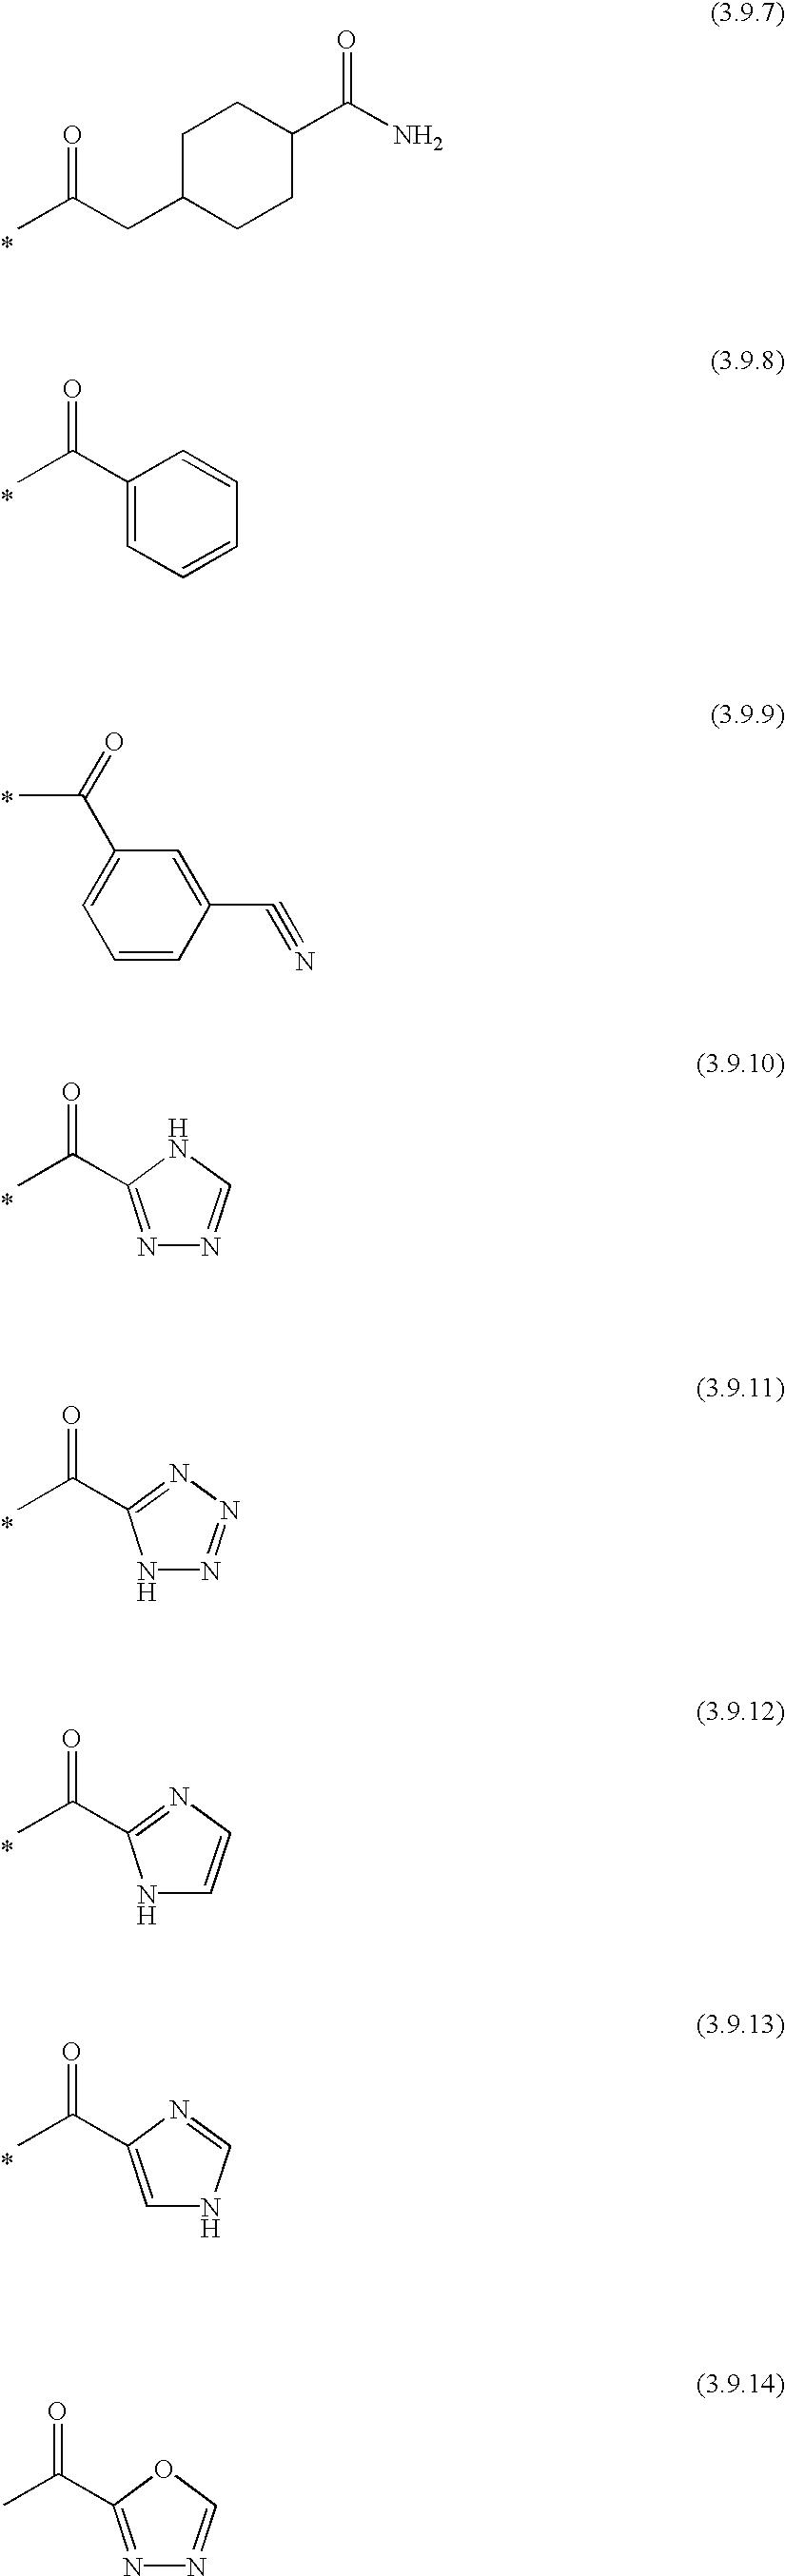 Figure US20030186974A1-20031002-C00182